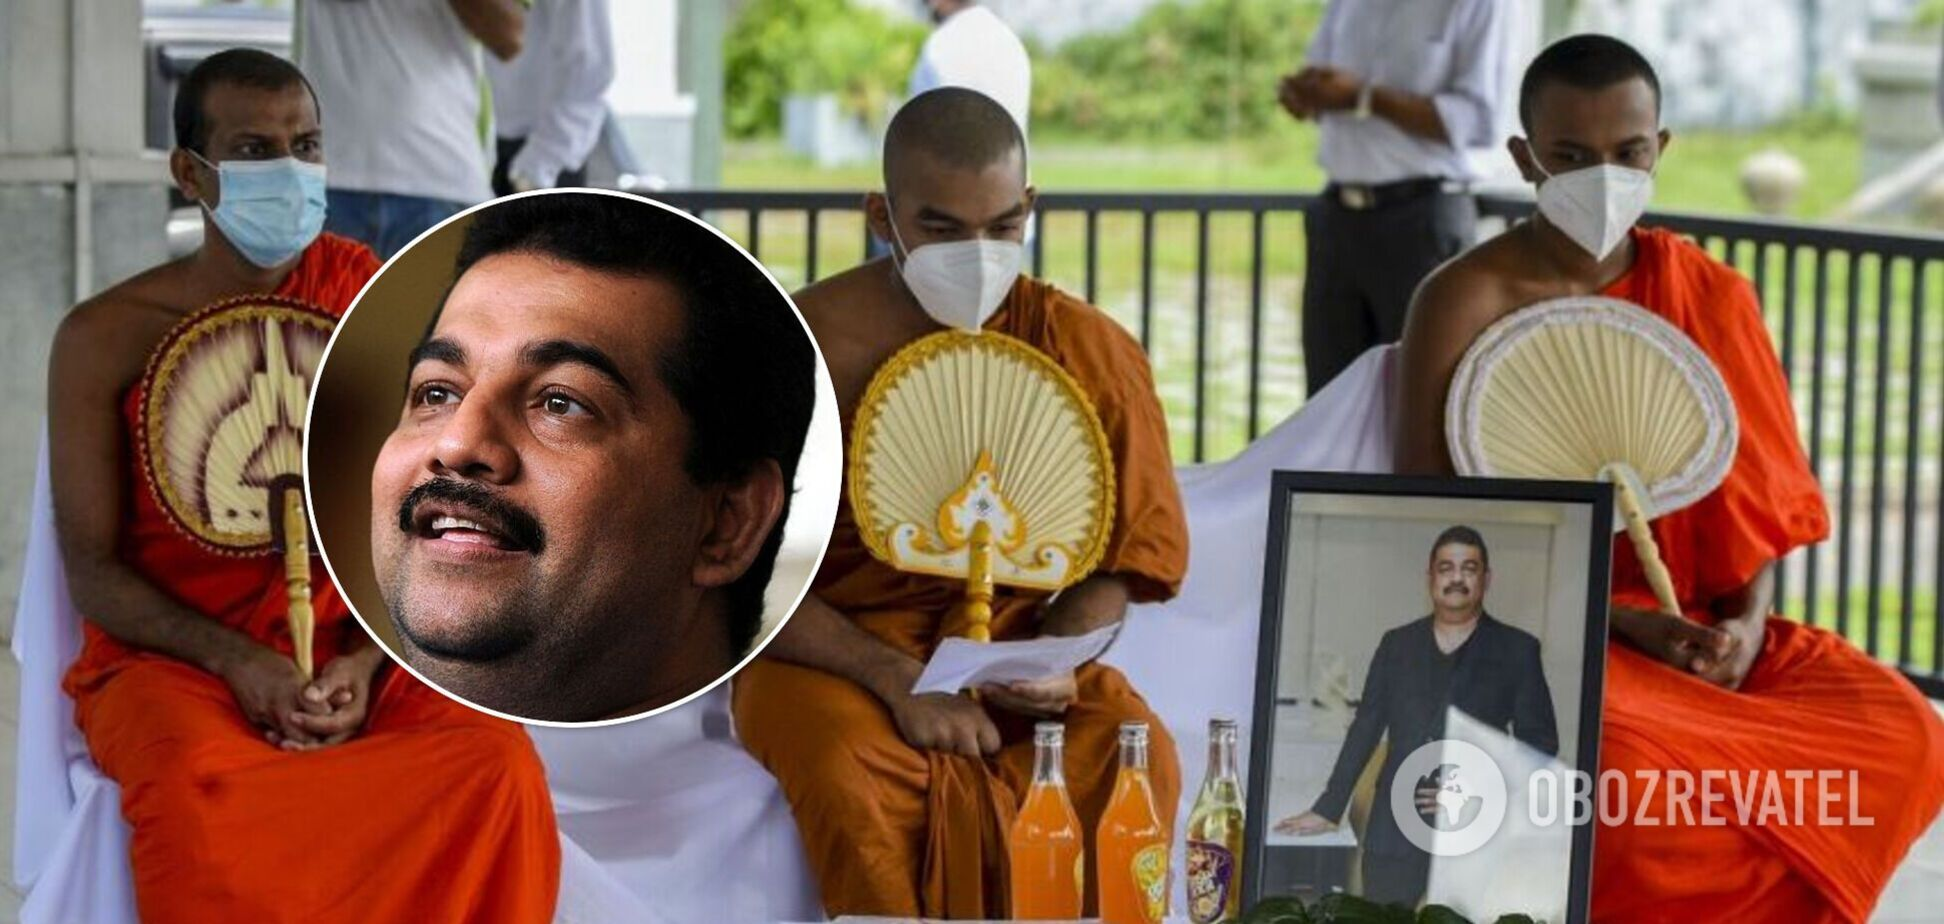 На Шри-Ланке от COVID-19 умер шаман, придумавший 'лекарство' от вируса